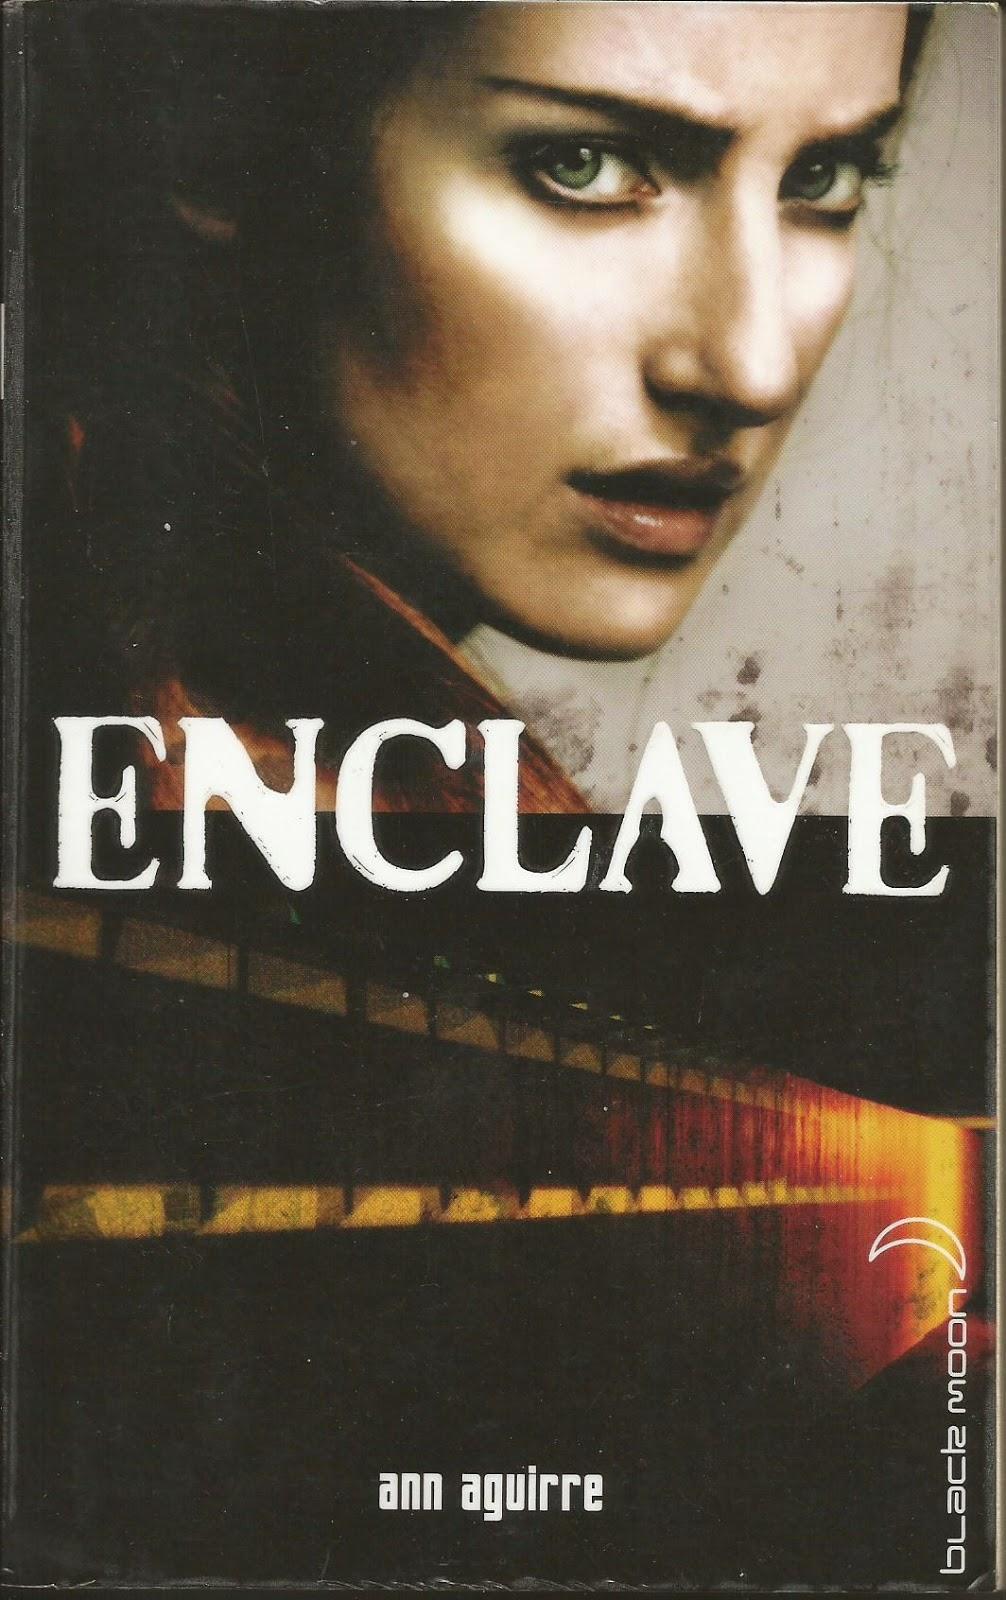 Enclave Ann Aguirre cover couverture